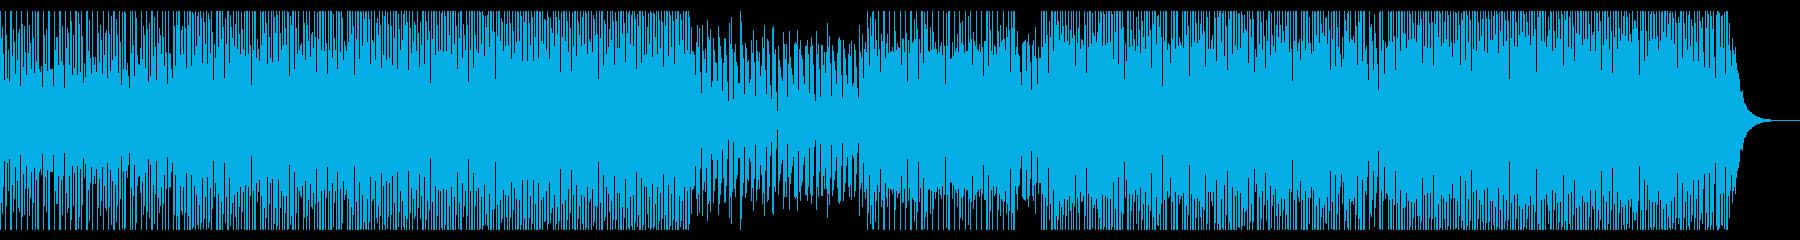 ハッピージョイフルの再生済みの波形